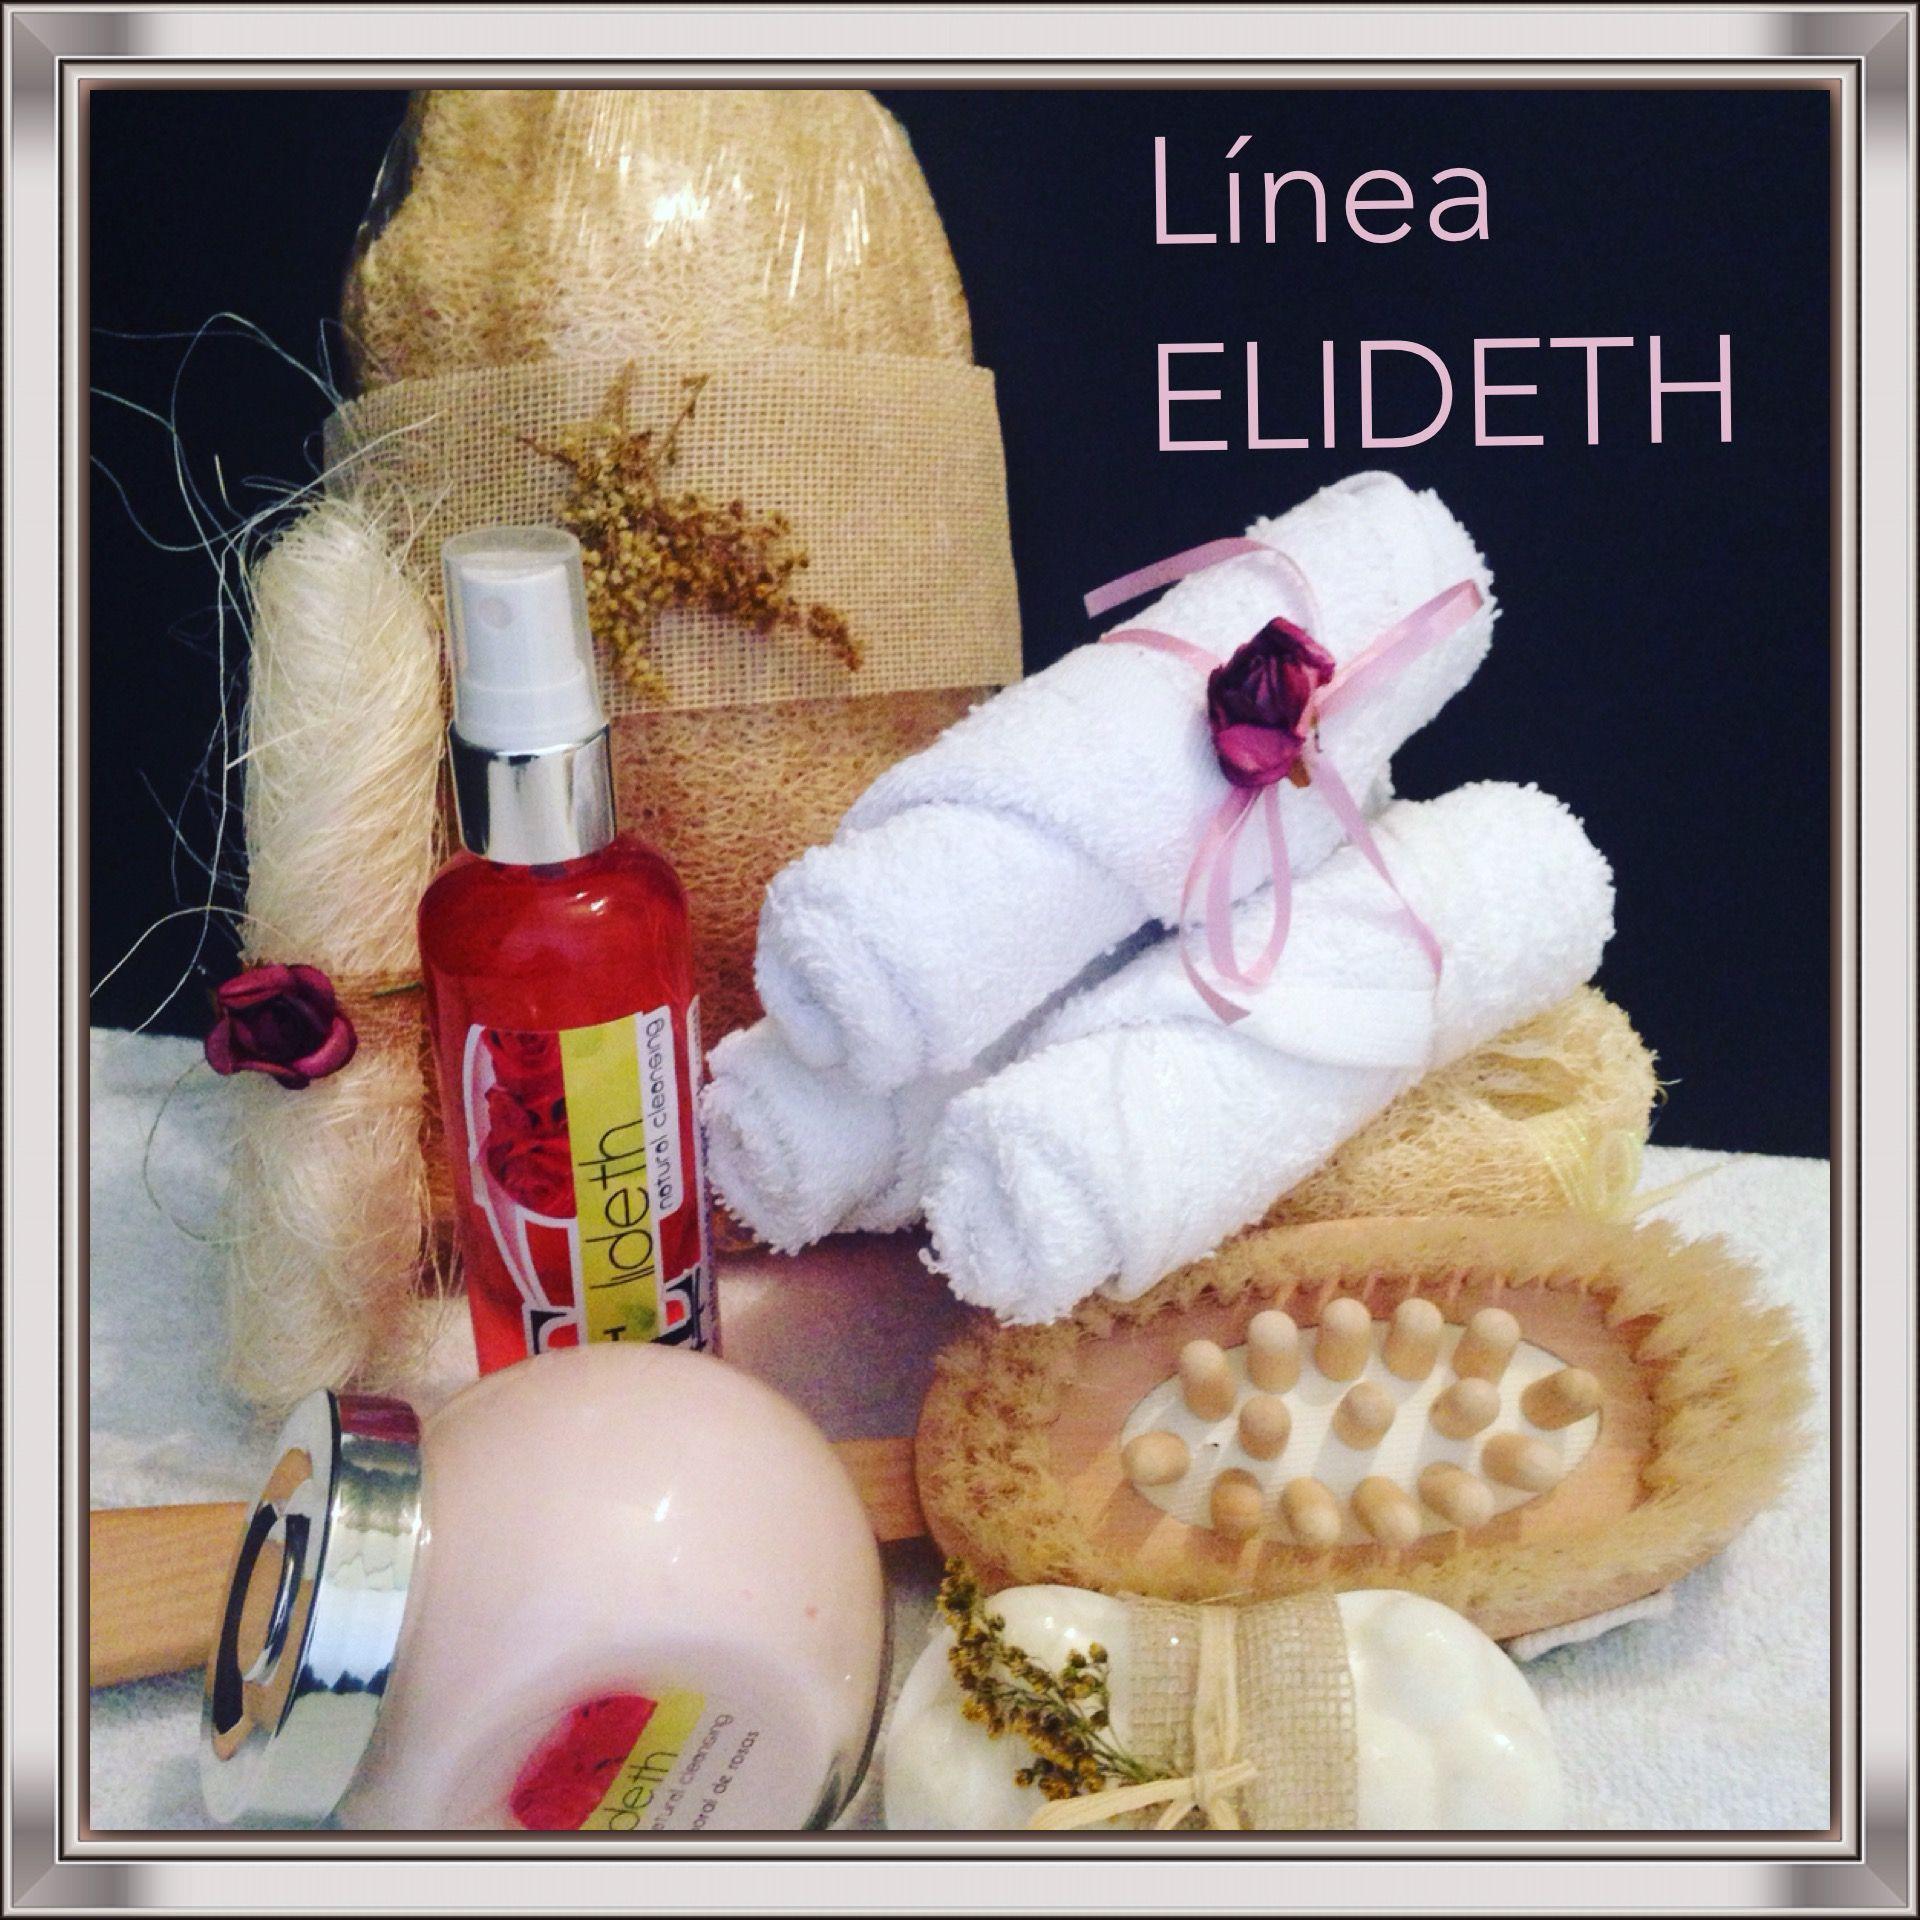 Línea ELIDETH tiene todo lo que necesitas para hacer un #spa en tu casa. Con #jabonesArtesanales #bodys #cremasNaturales #burbujasdebaño y todo lo que necesites